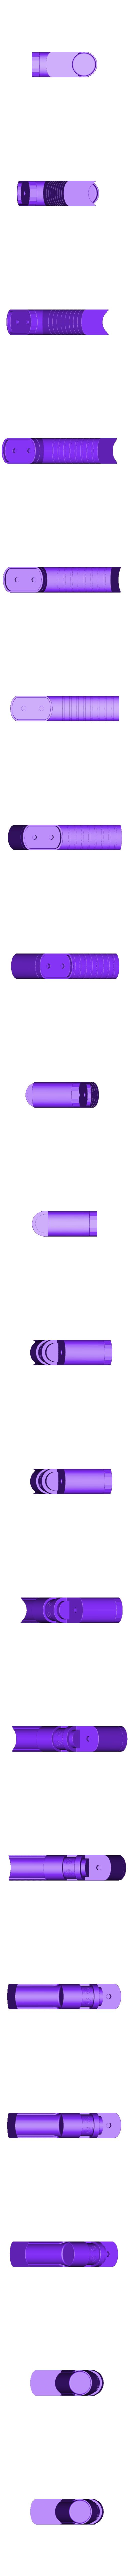 Star Trek Discovery Hypo Spray_stl_Äåòàëü1_1.stl Download OBJ file Star Trek Discovery Hypo Spray replica prop cosplay • 3D printable model, Blackeveryday